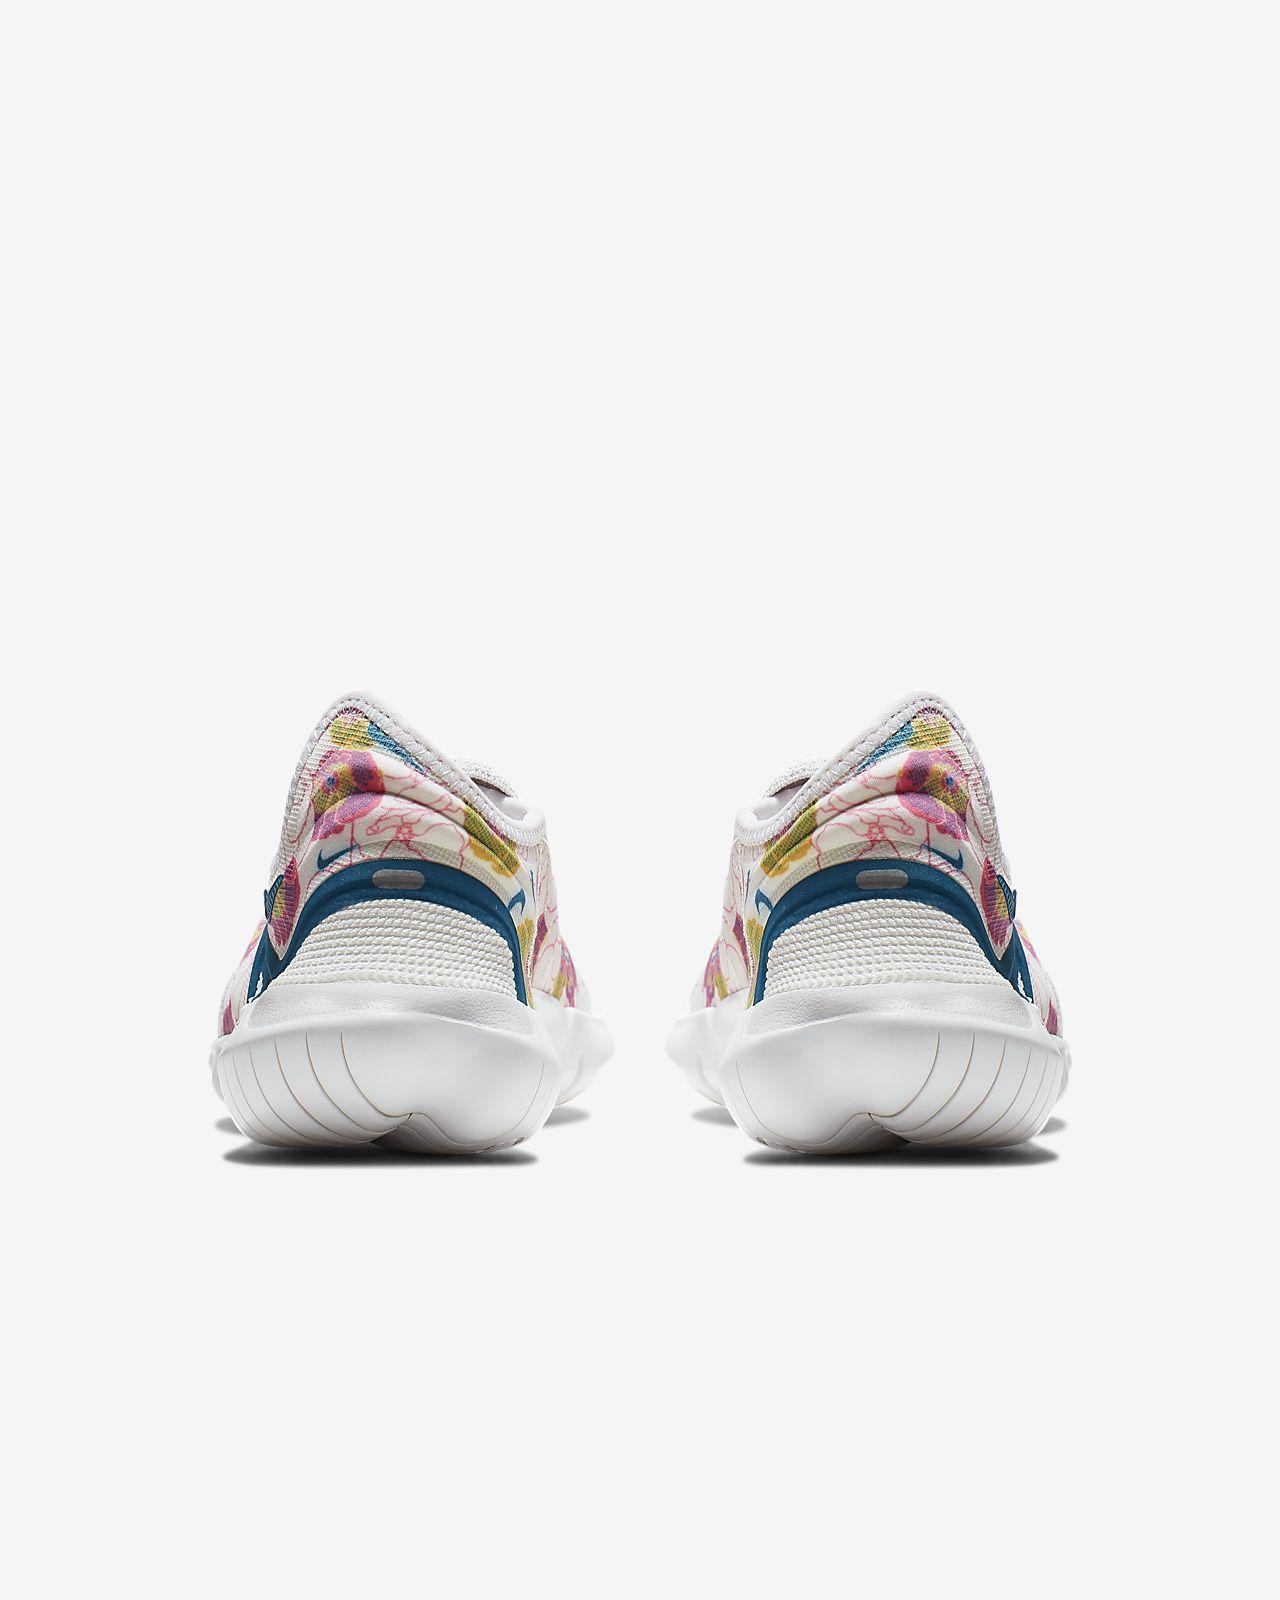 e1050c3039e Nike Free RN Flyknit 3.0 Hardloopschoen voor dames. Nike.com BE